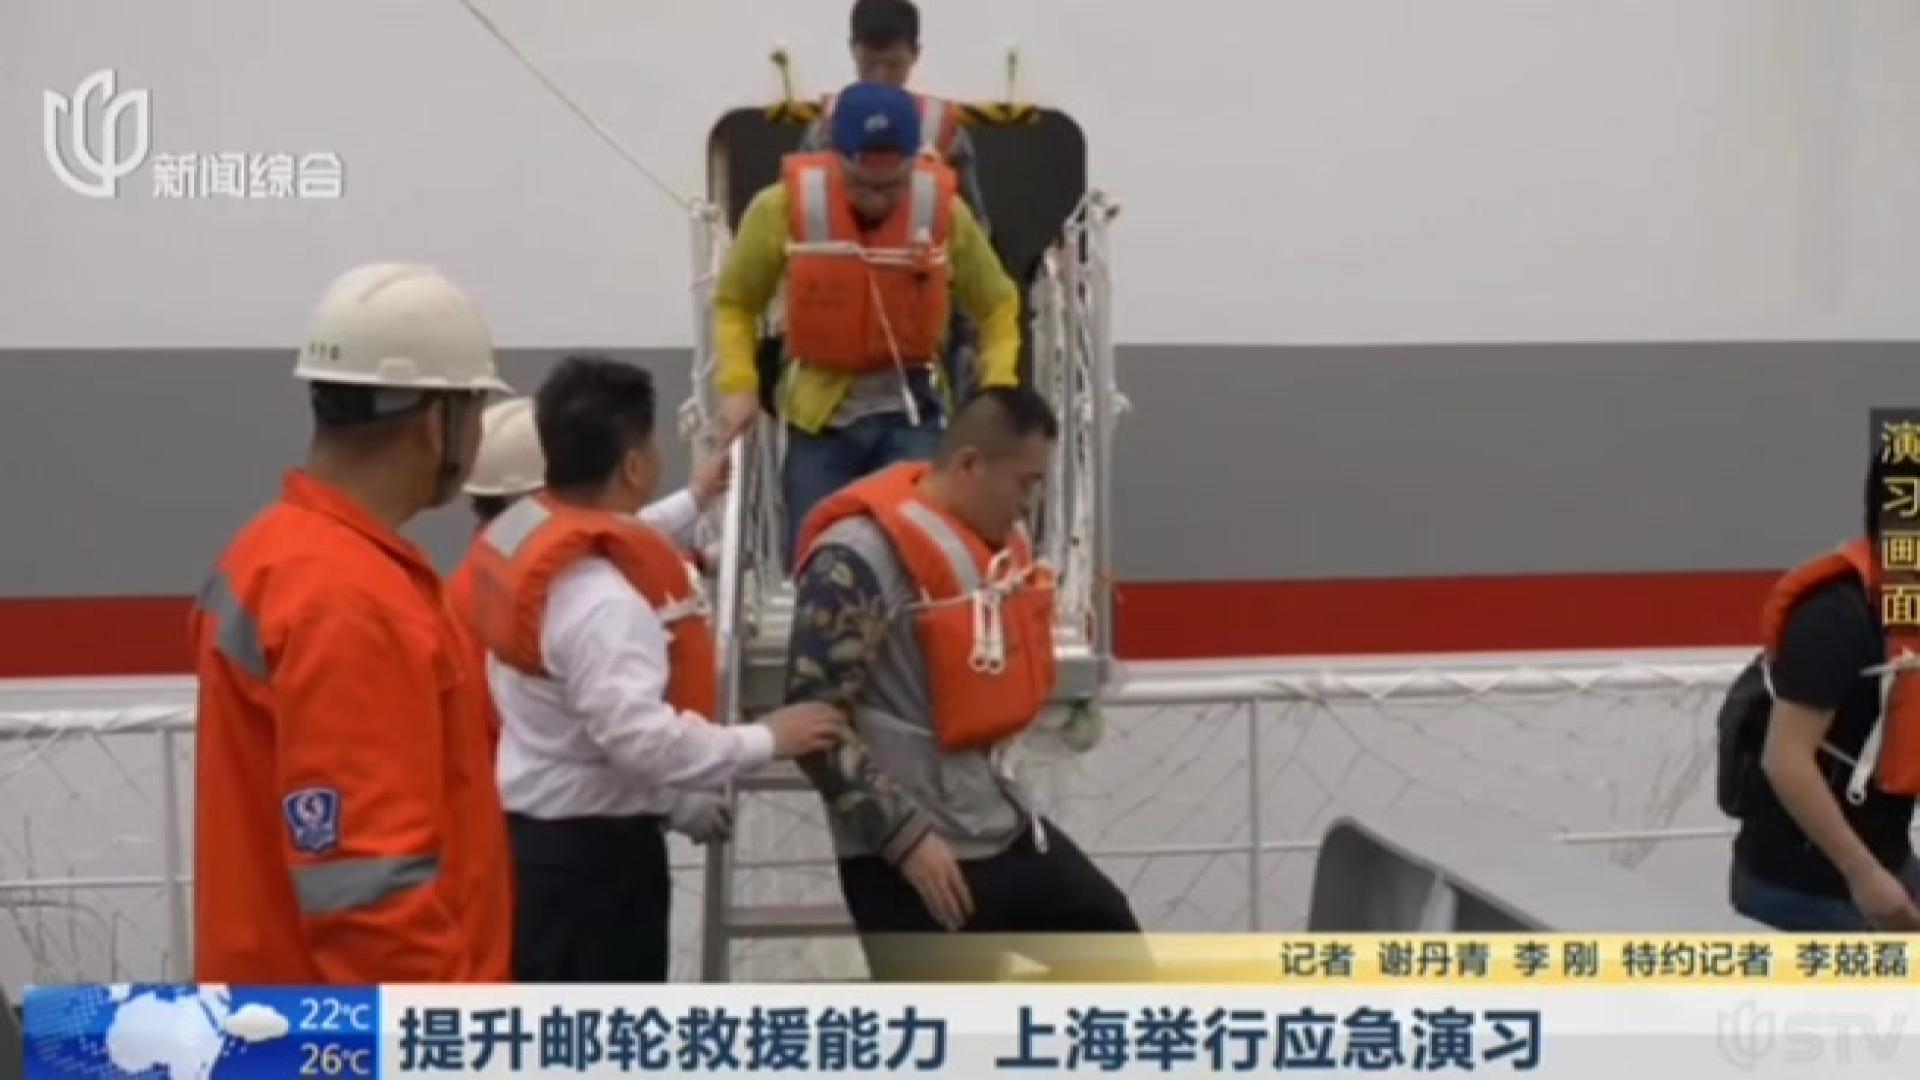 提升邮轮救援能力  上海举行应急演习